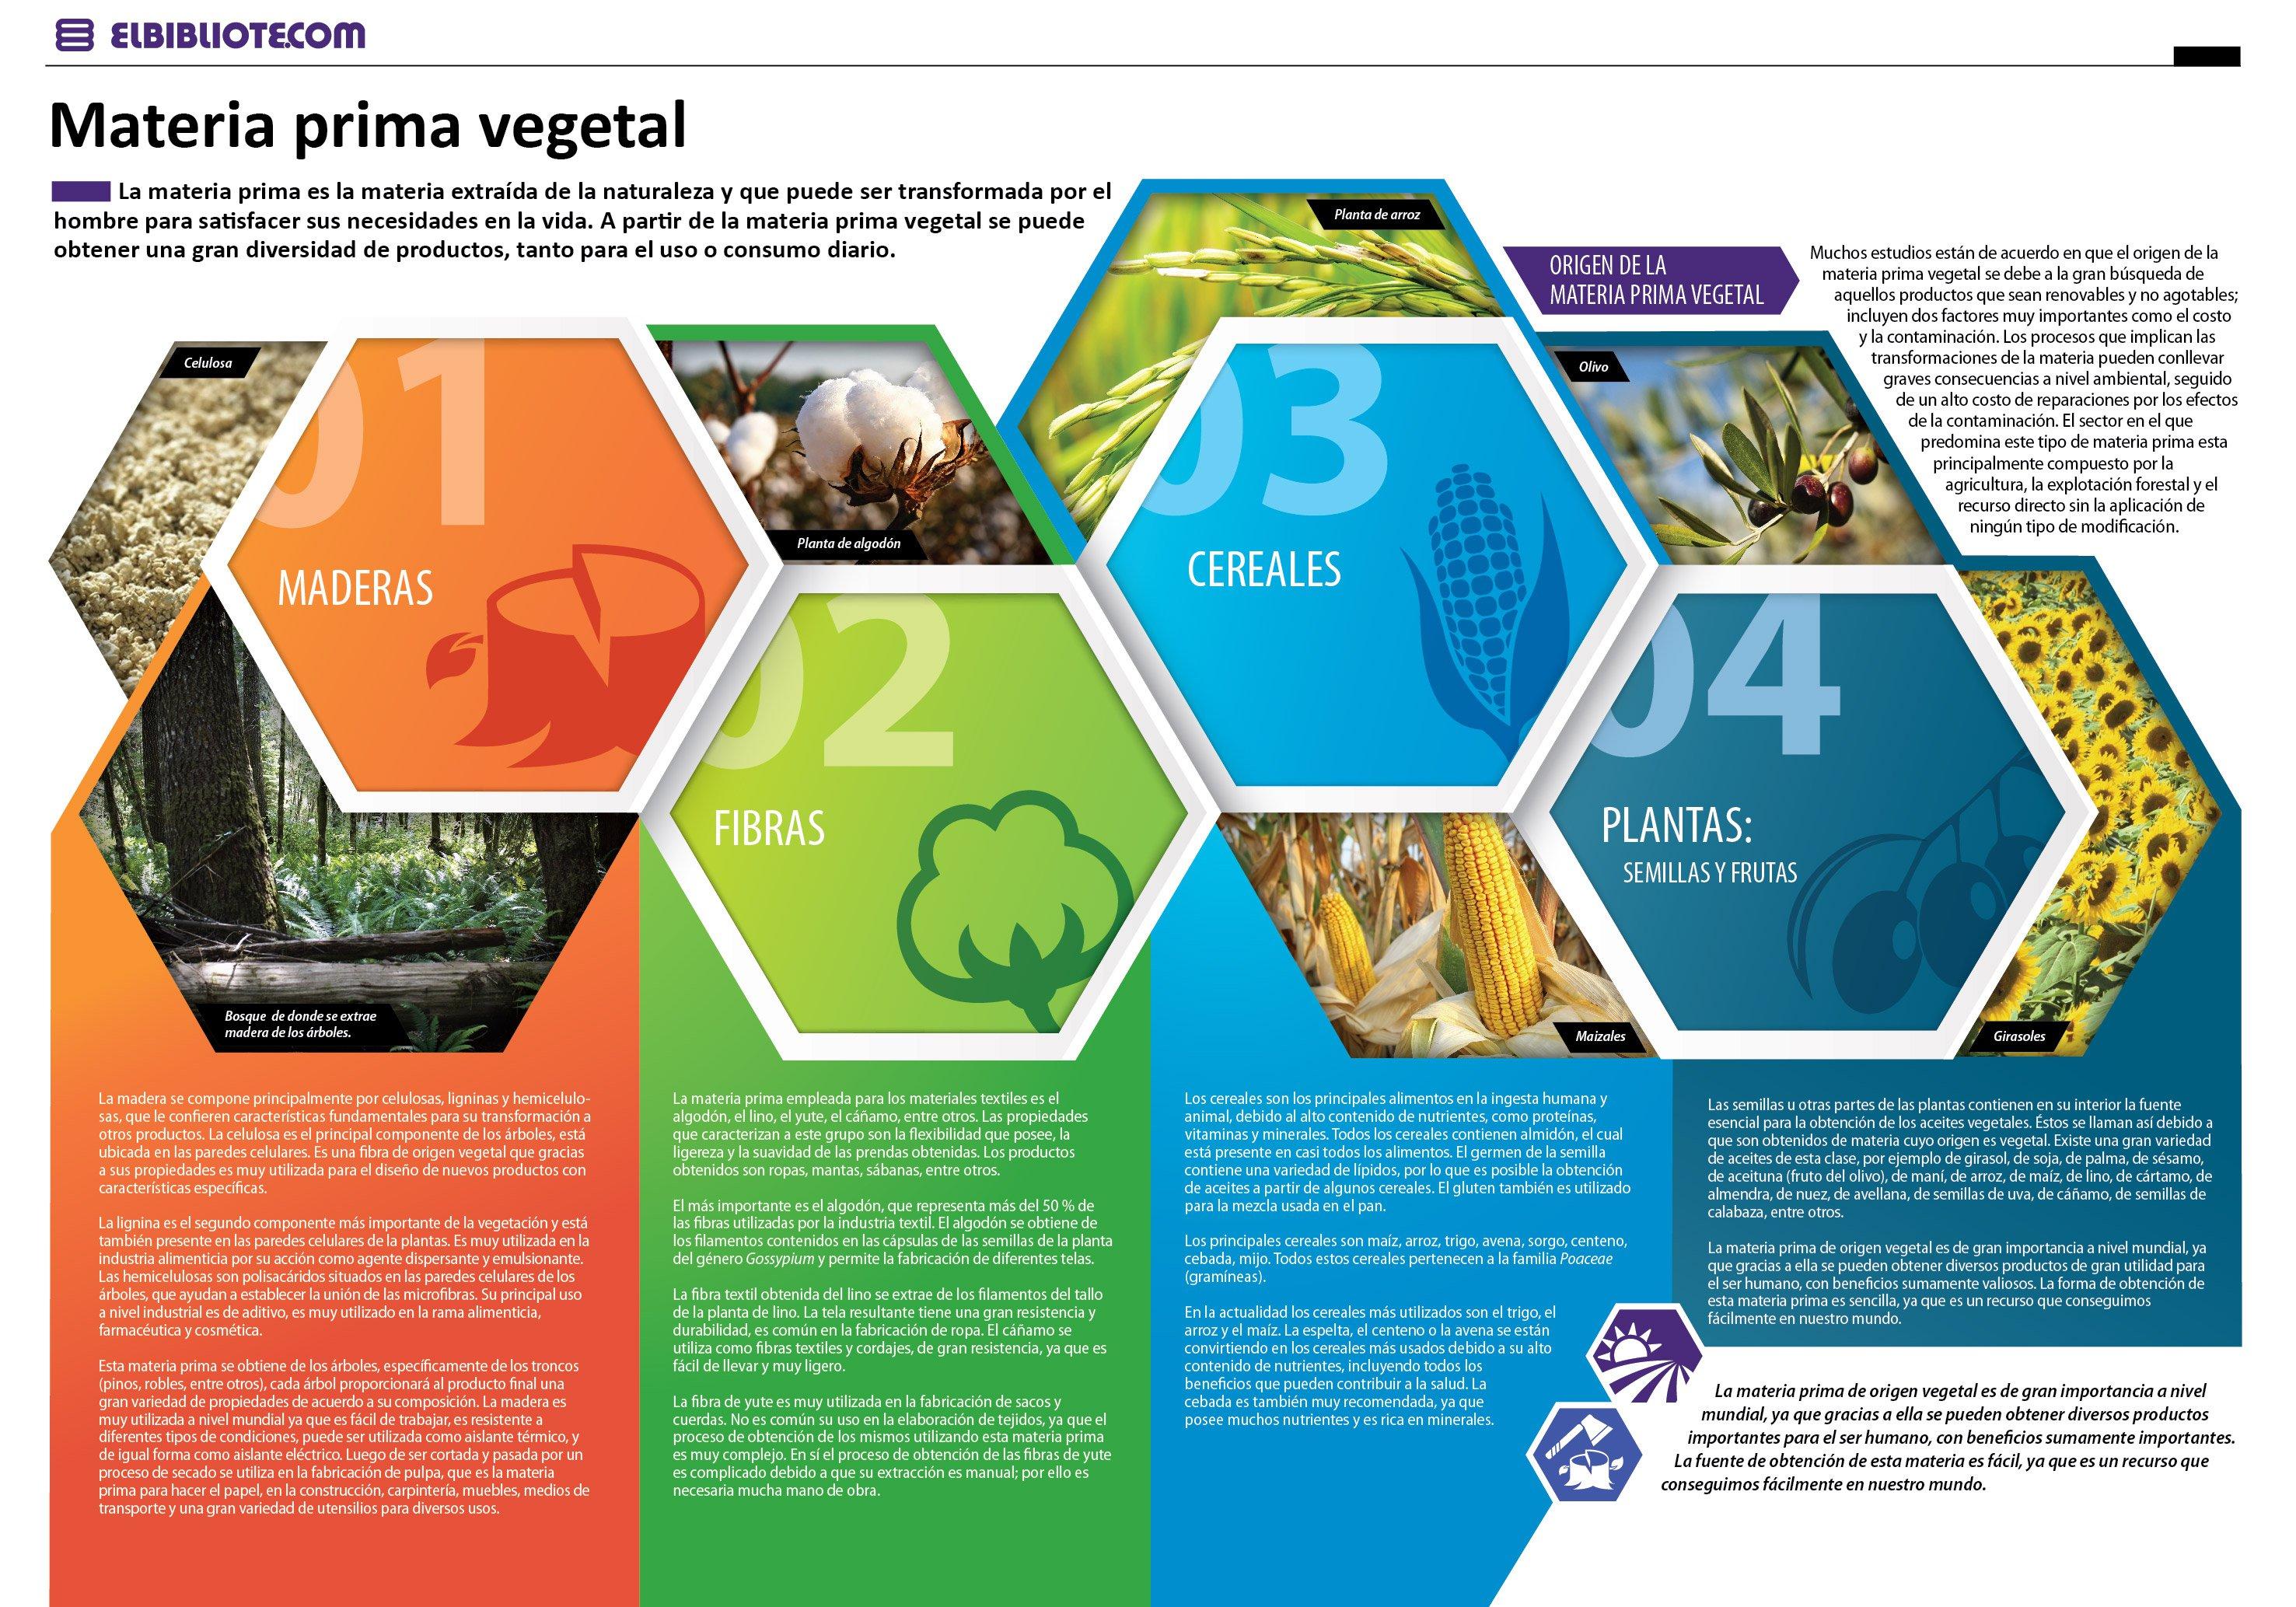 Materia prima vegetal